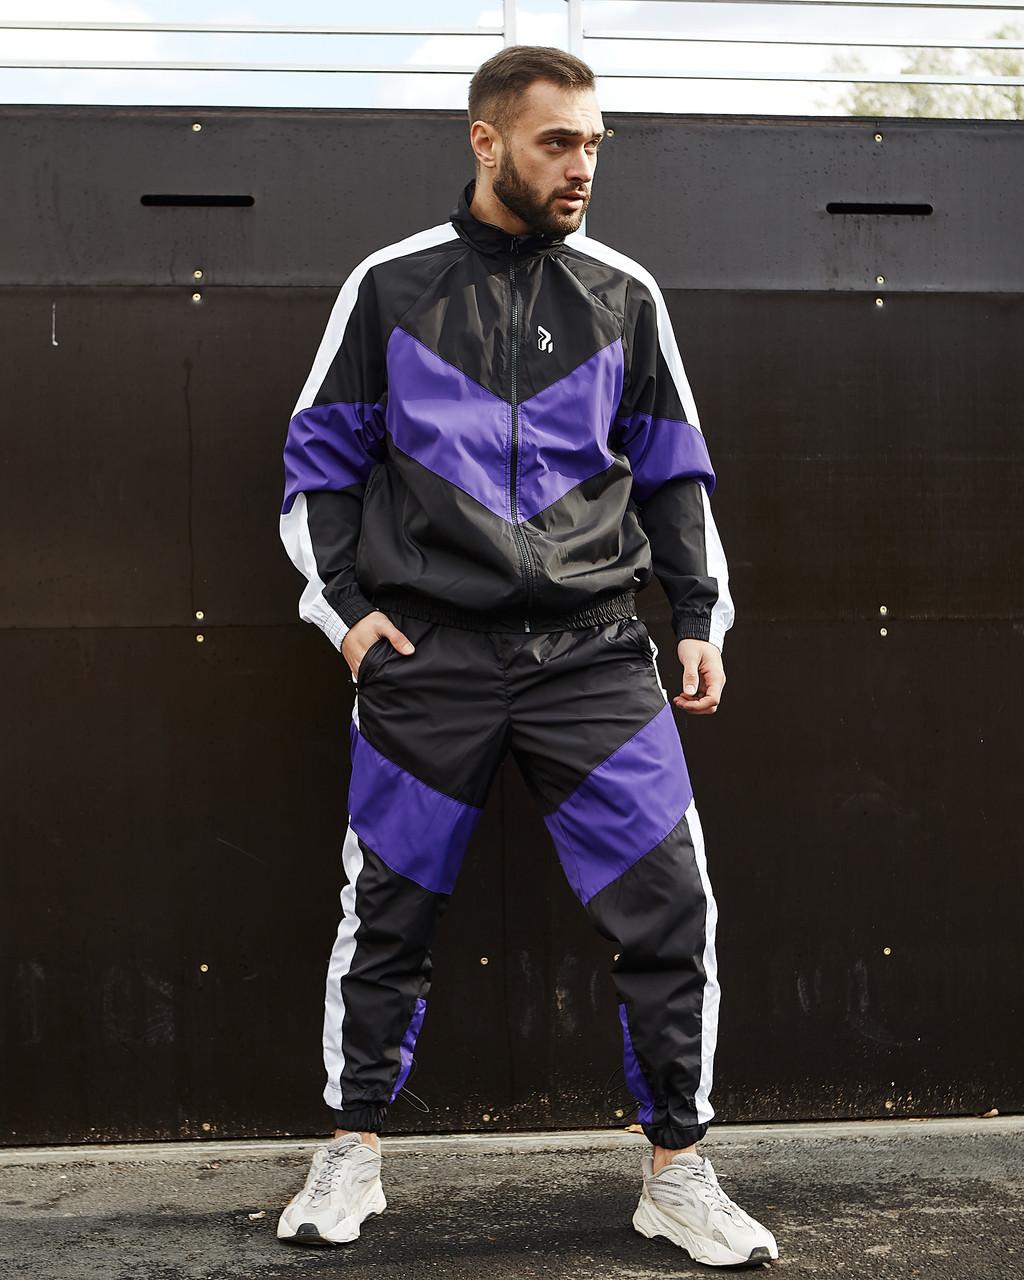 Спортивный костюм мужской Пушка Огонь Split черно - белый с фиолетовым